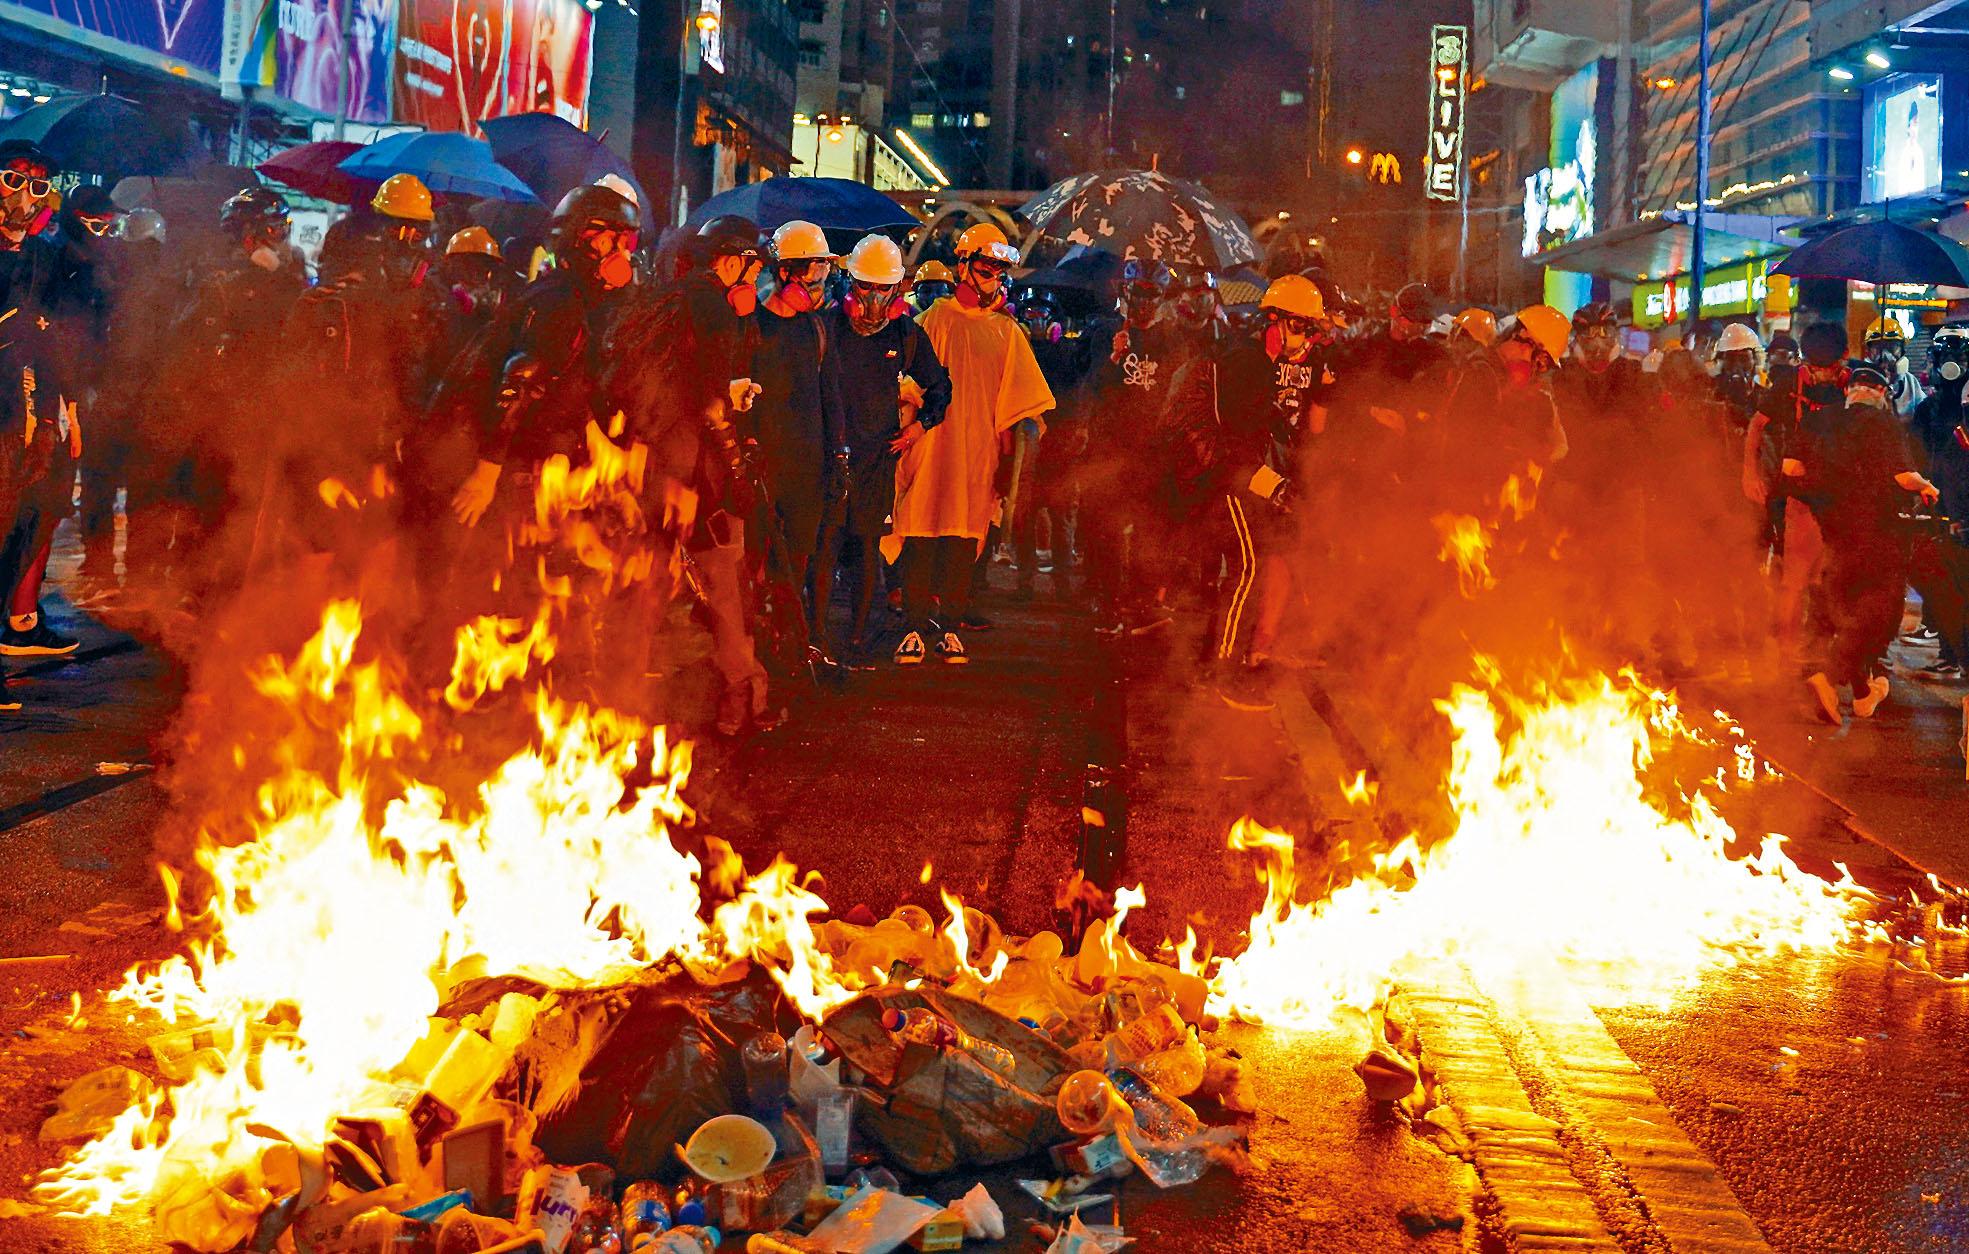 香港反修例風波持續,示威者抗爭不斷升級,北京明言需要遏止亂局。資料圖片